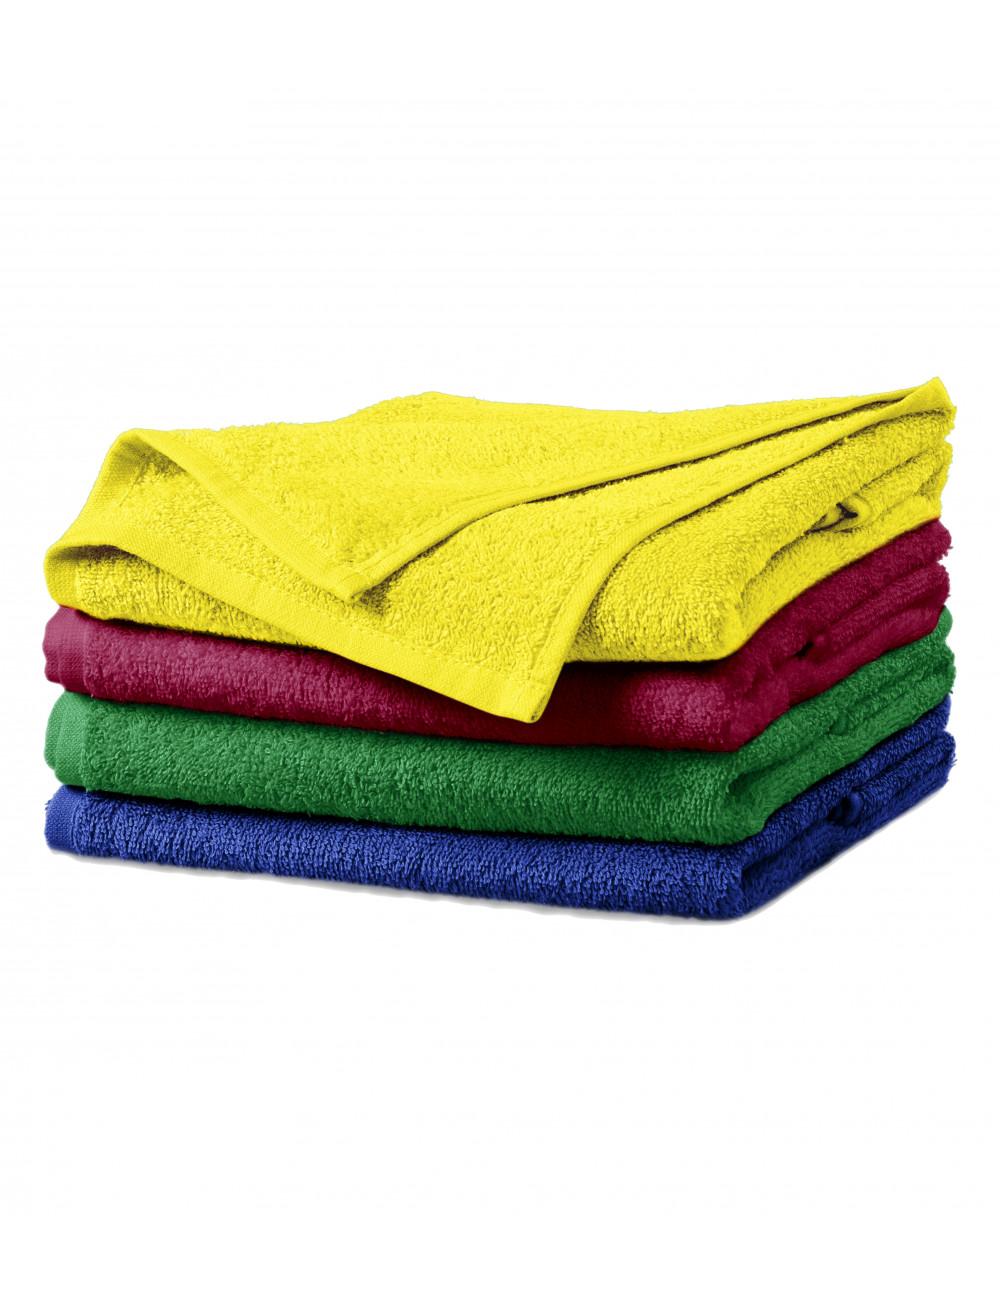 Adler MALFINI Ręcznik unisex Terry Towel 908 chabrowy